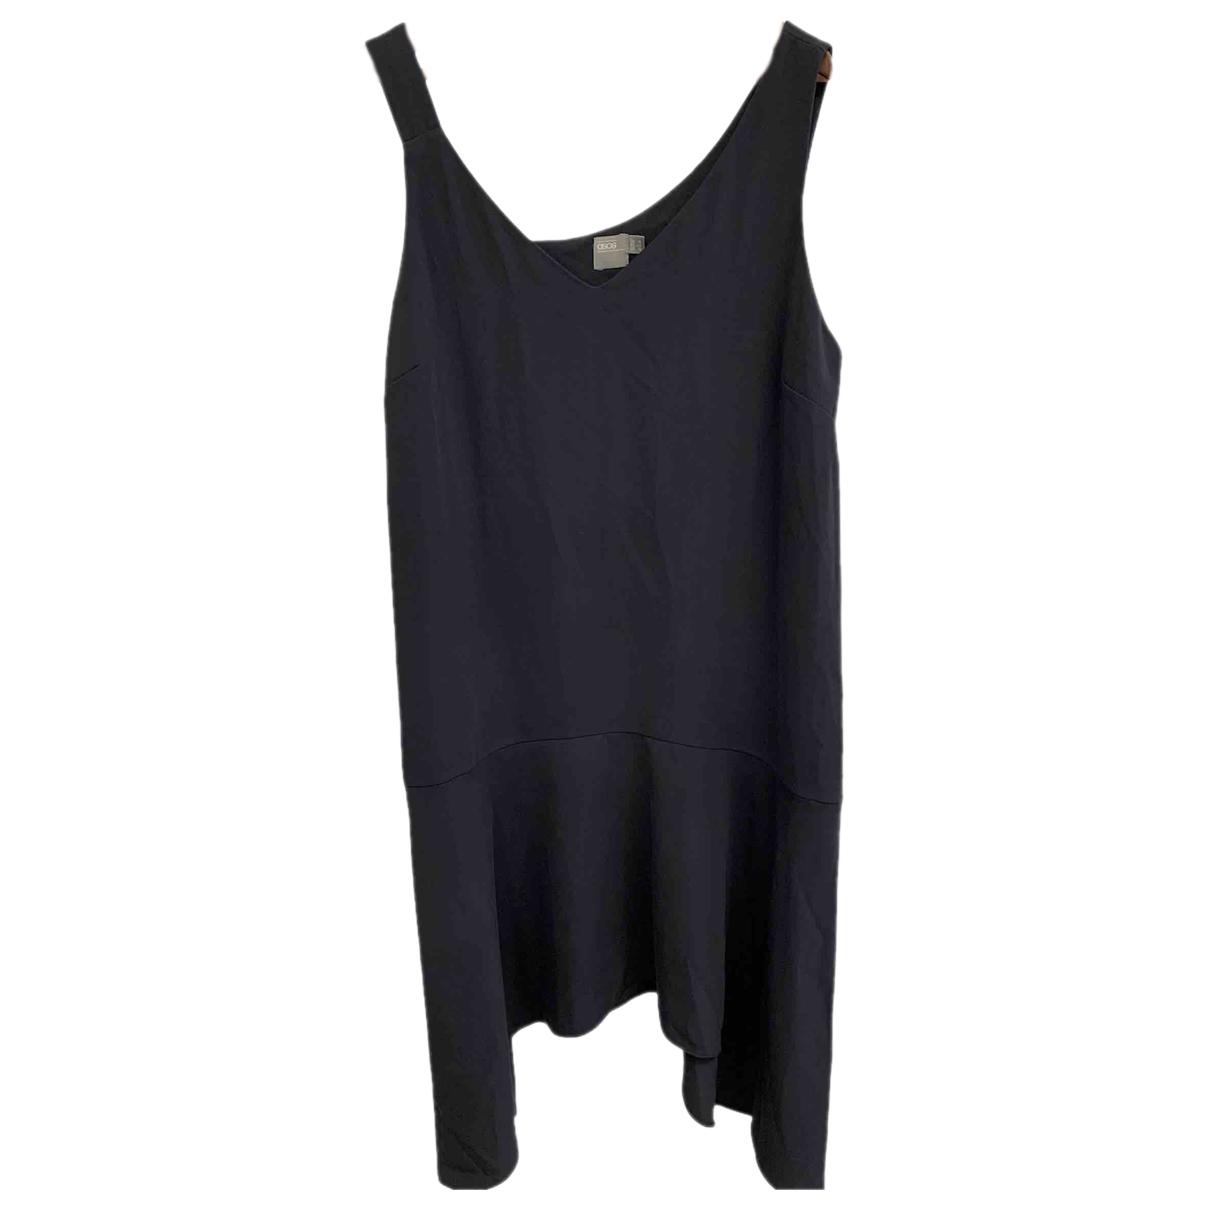 Asos \N Kleid in  Grau Wolle